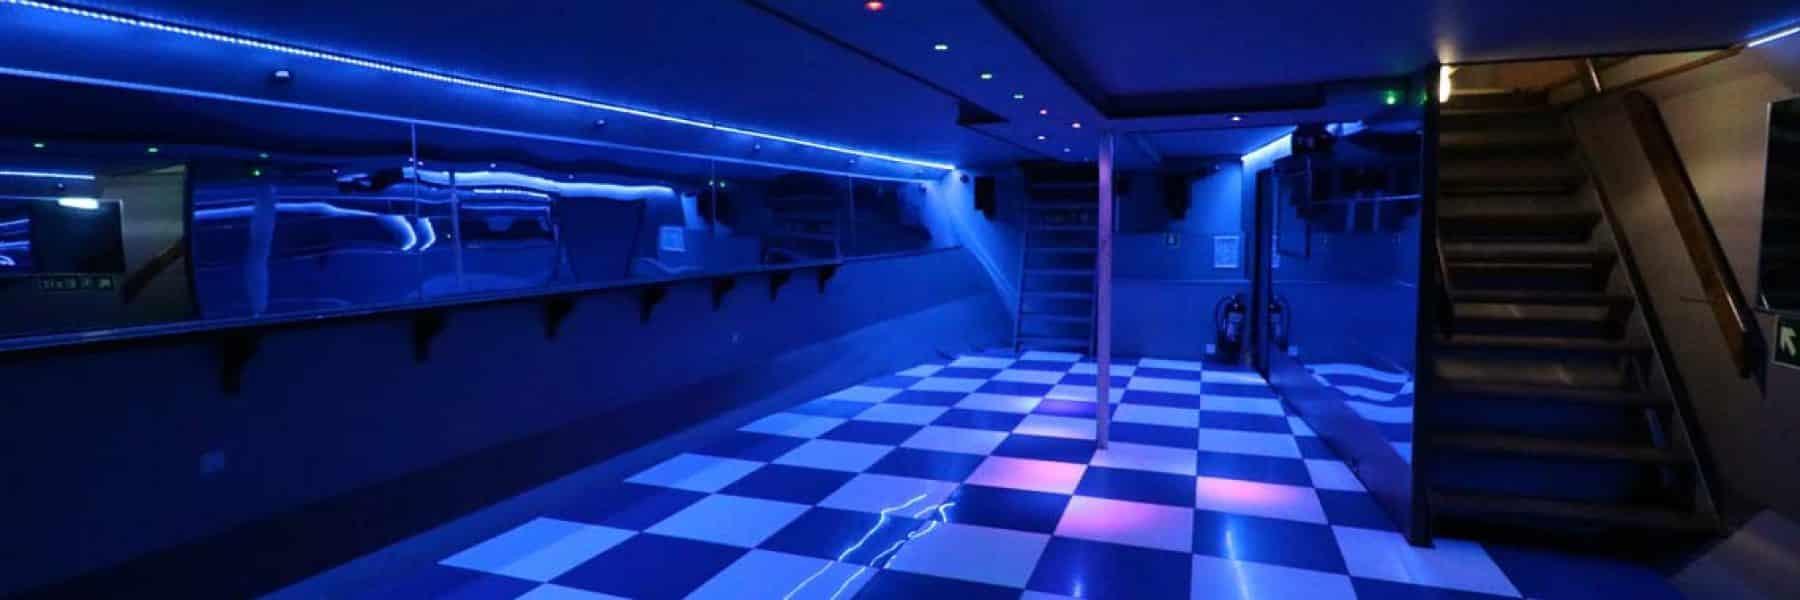 M.V Avontuur IV, Dance Floor | New Year's Eve